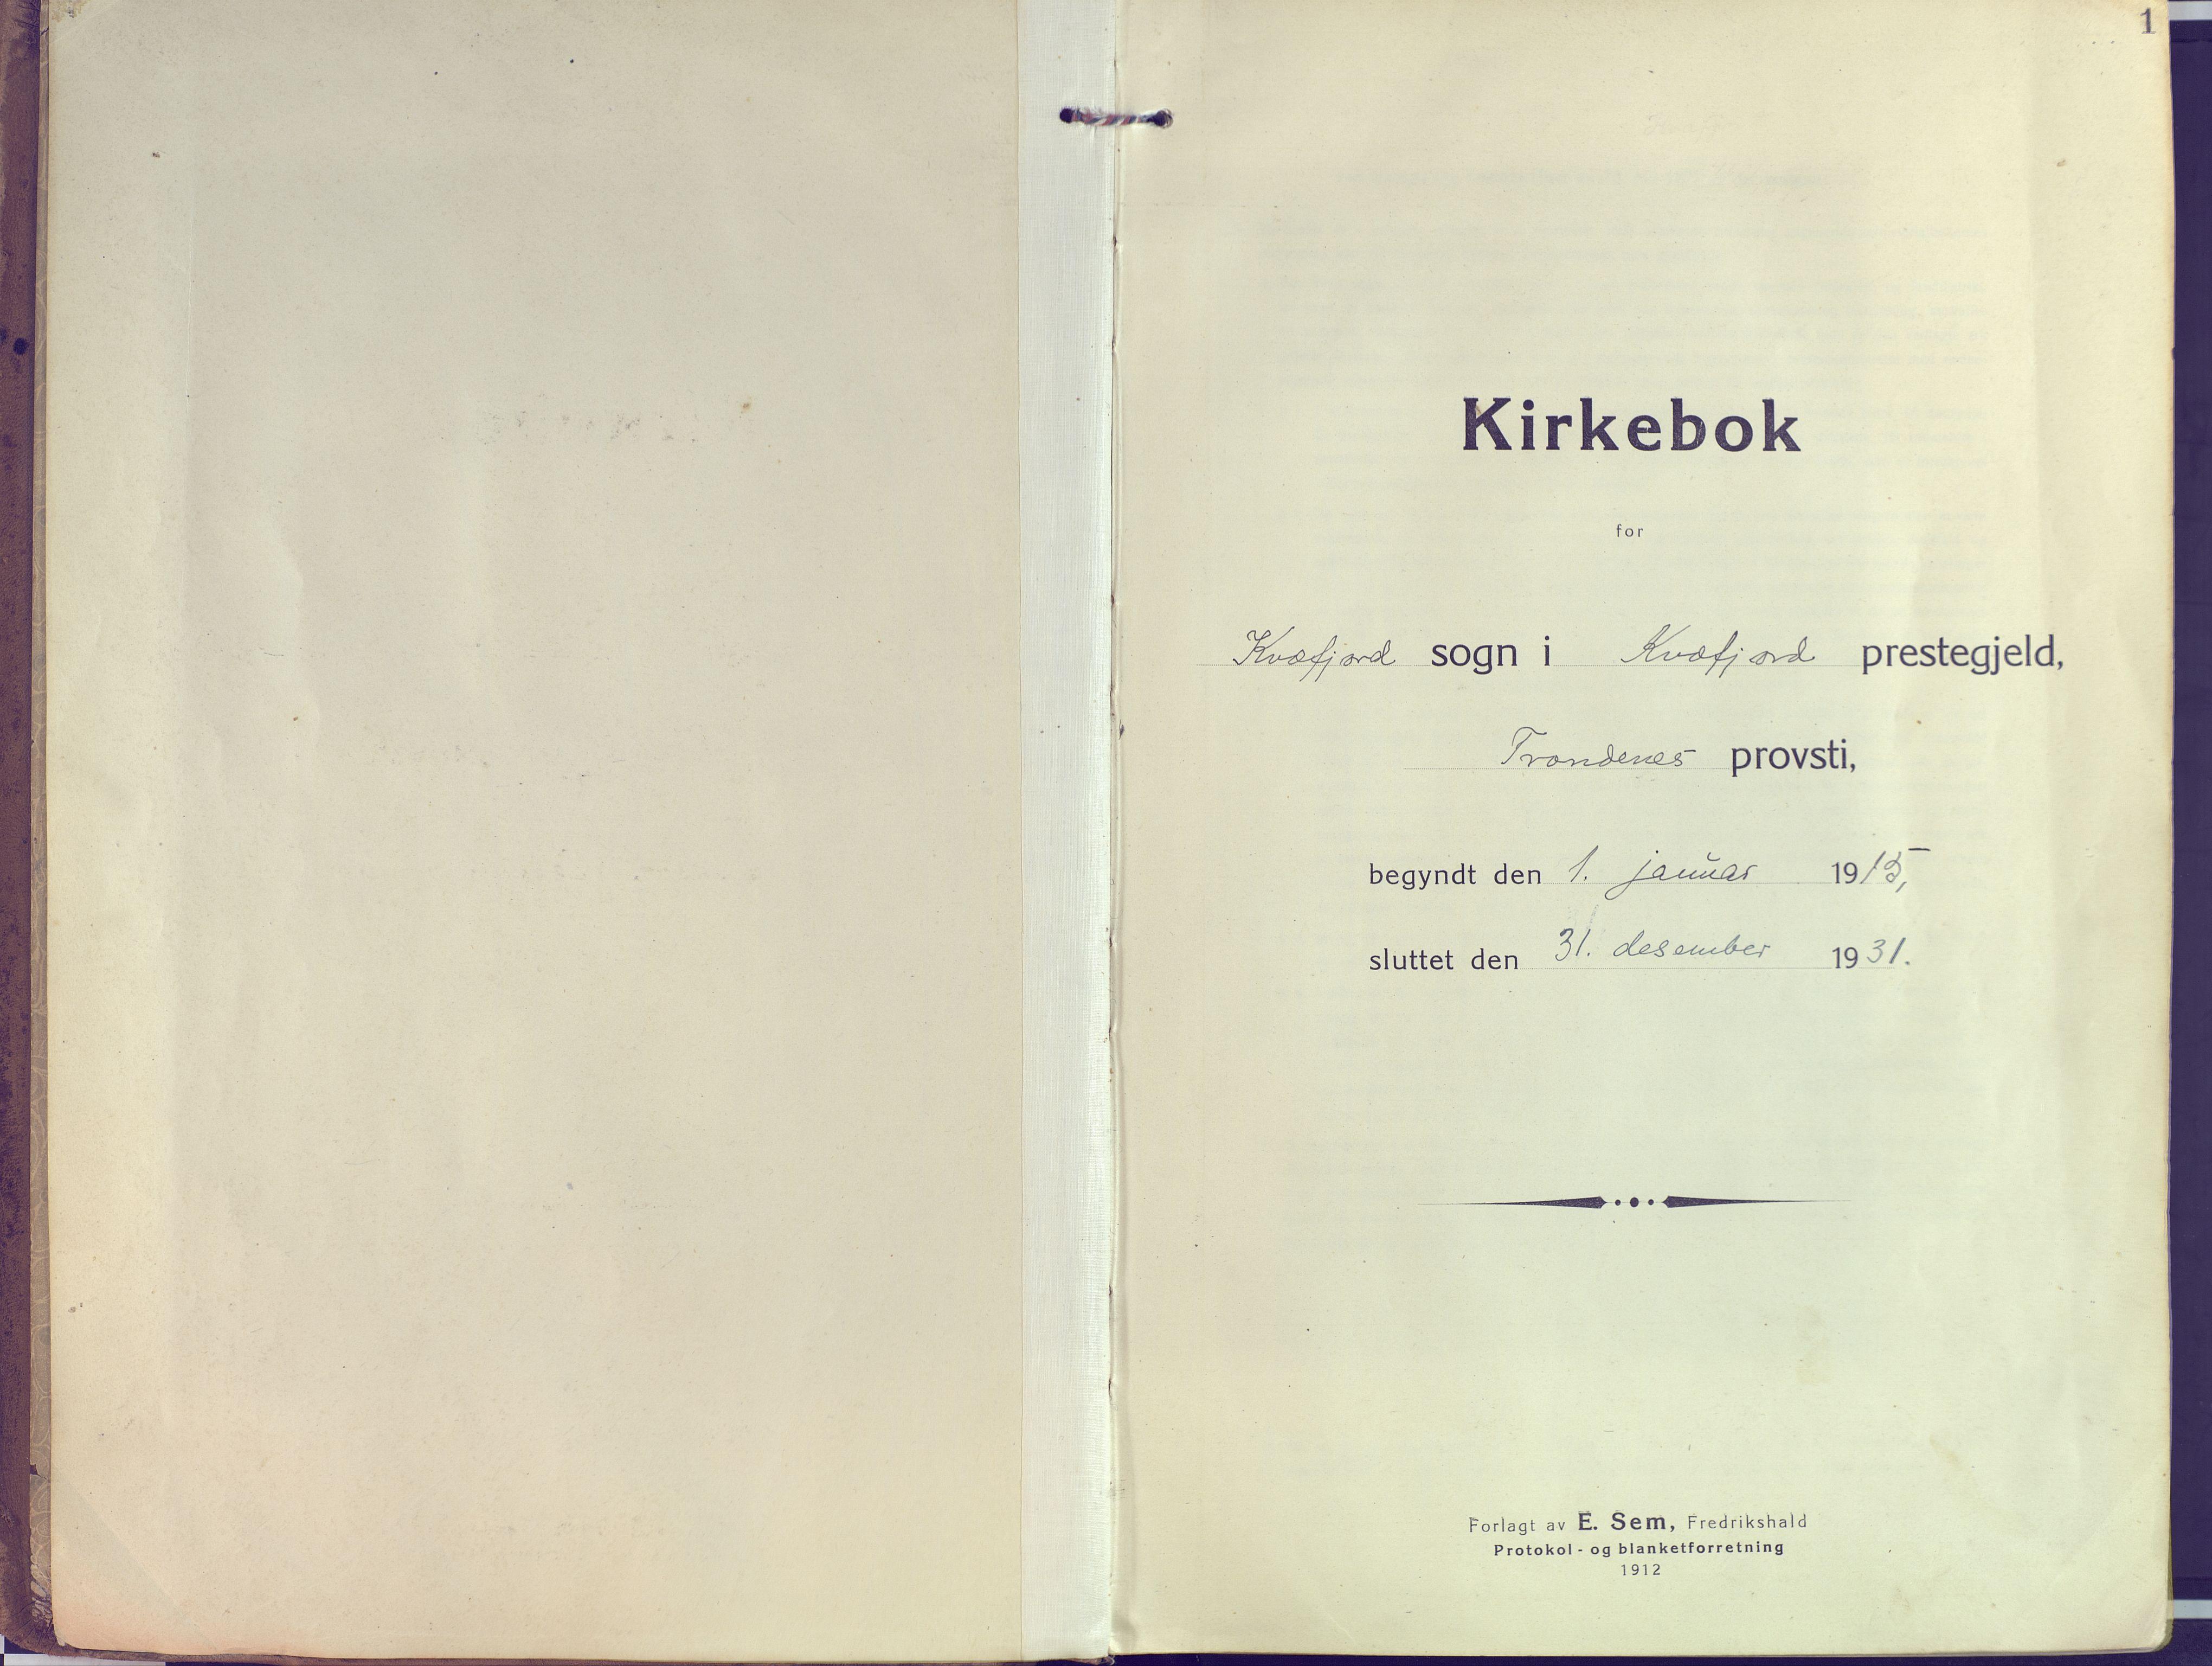 SATØ, Kvæfjord sokneprestkontor, G/Ga/Gaa/L0007kirke: Ministerialbok nr. 7, 1915-1931, s. 1